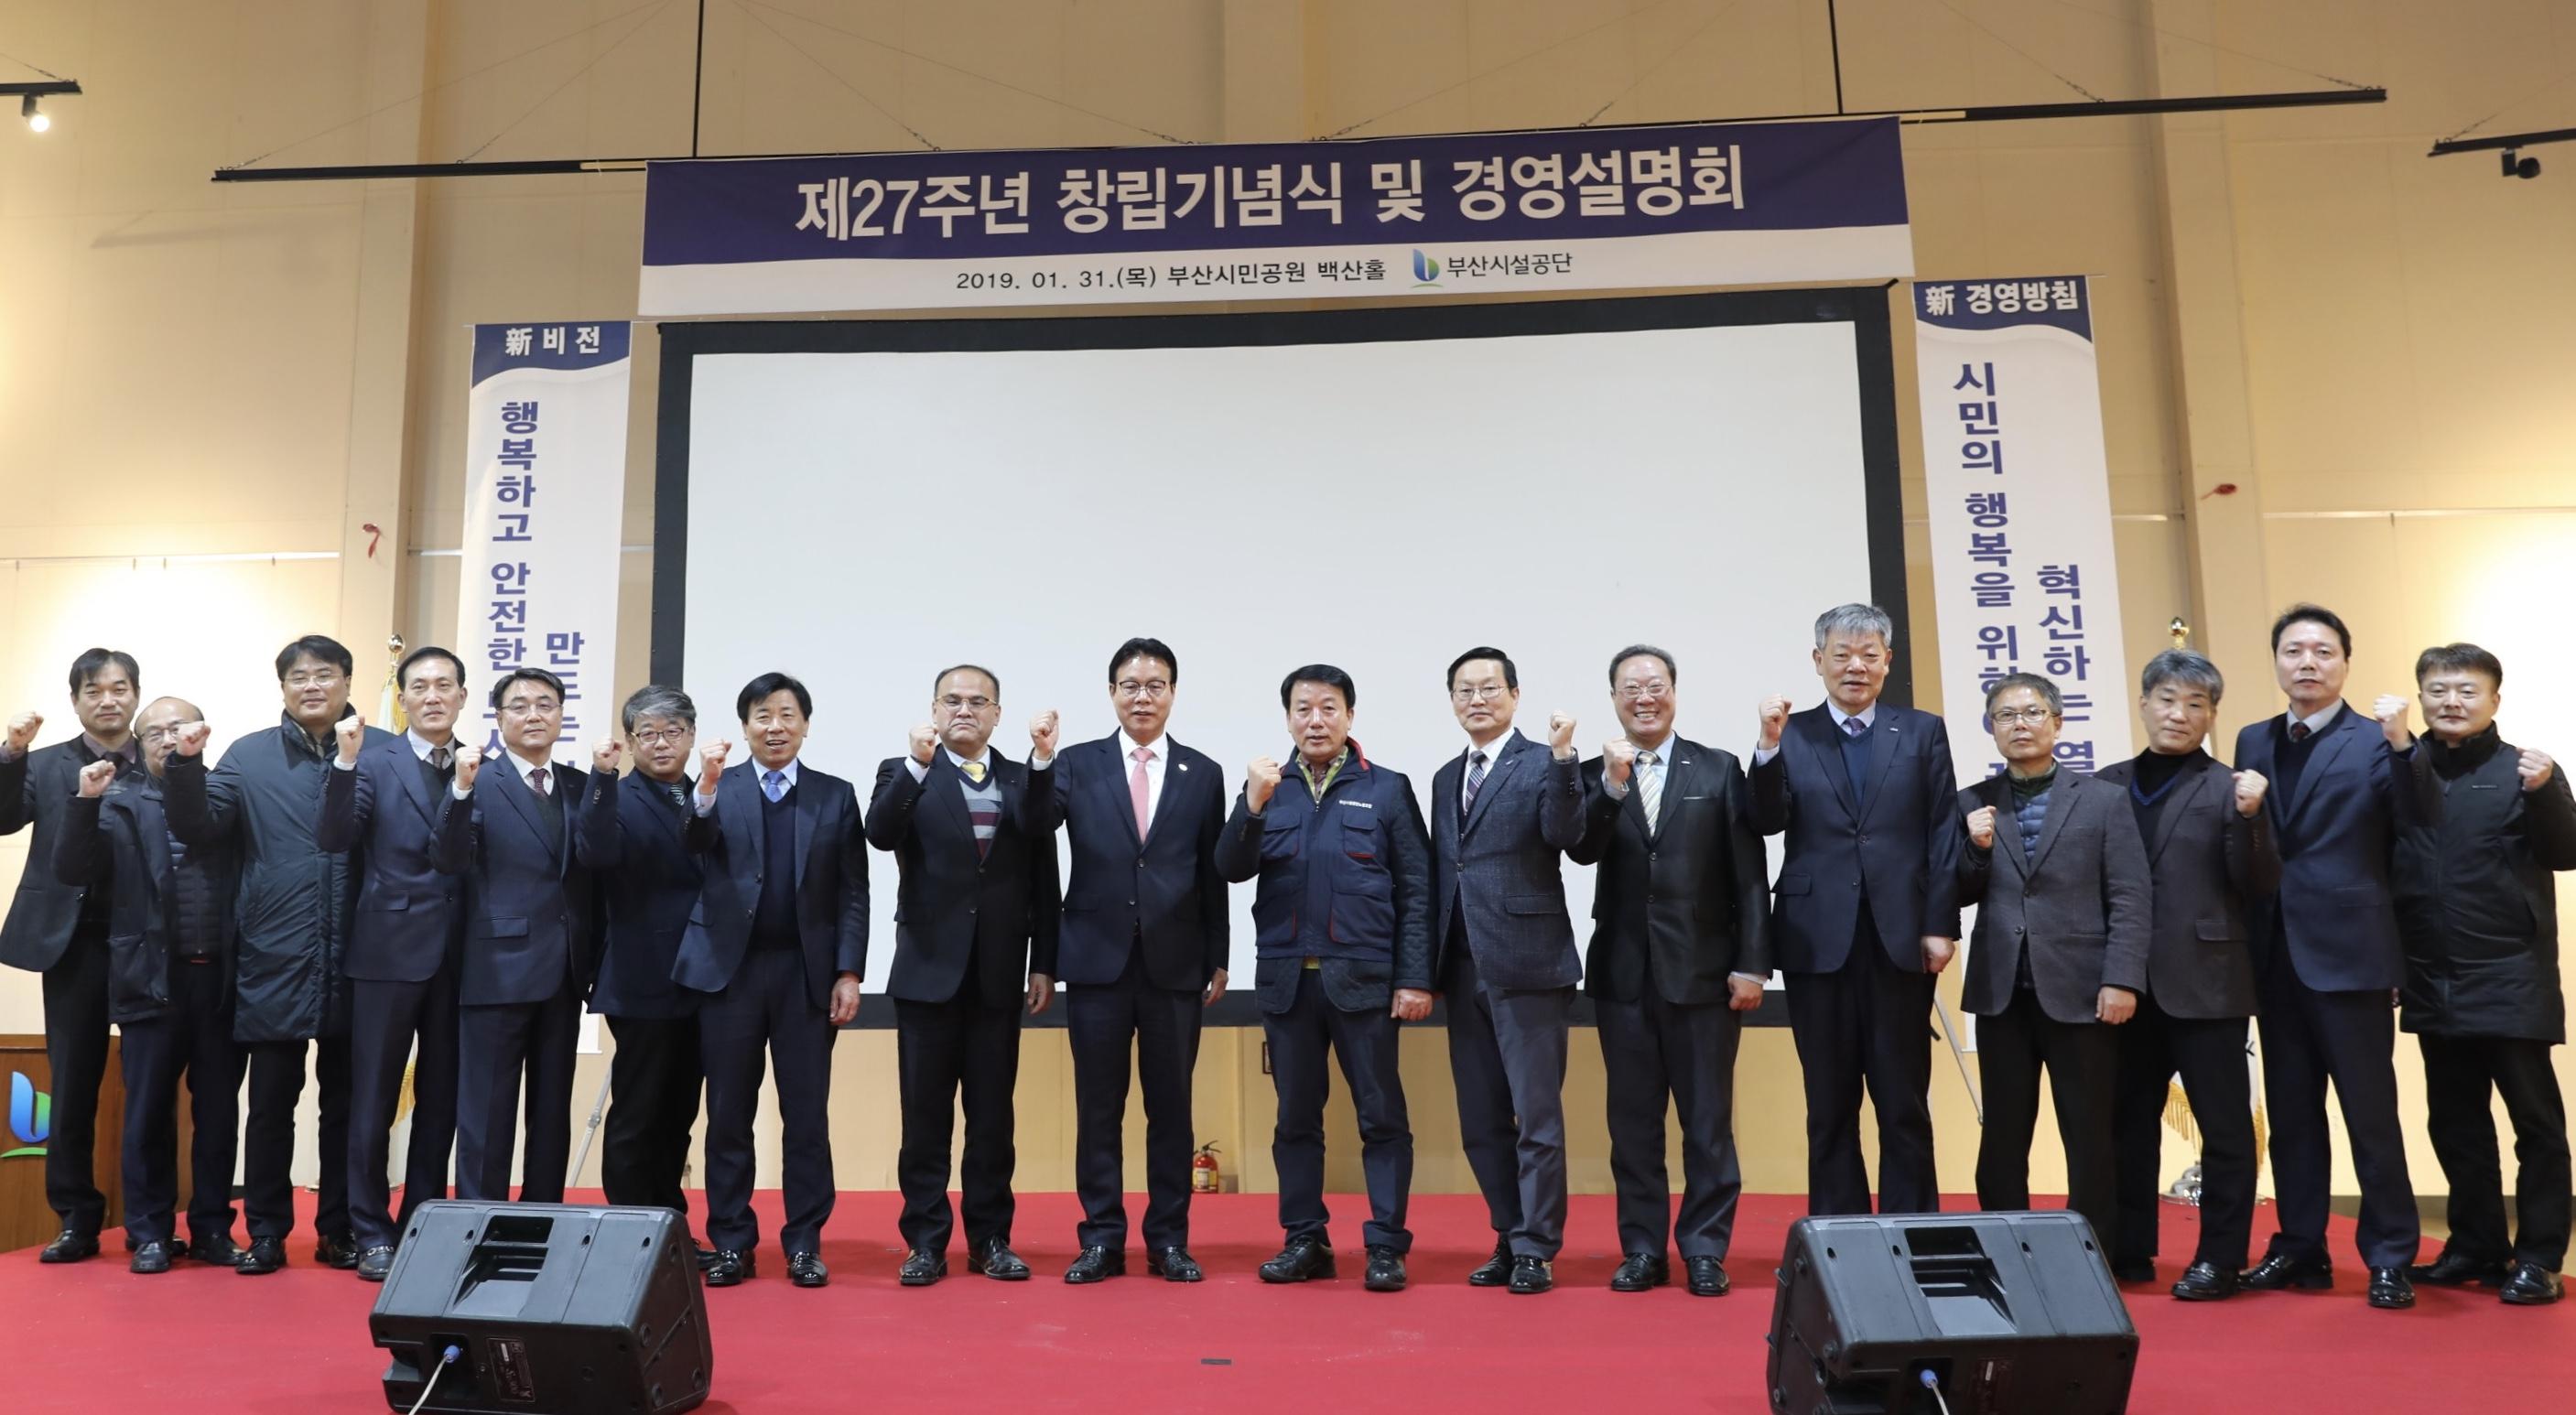 부산시설공단 창립27주년 기념식 및 경영설명회 기념단체사진, 정면1